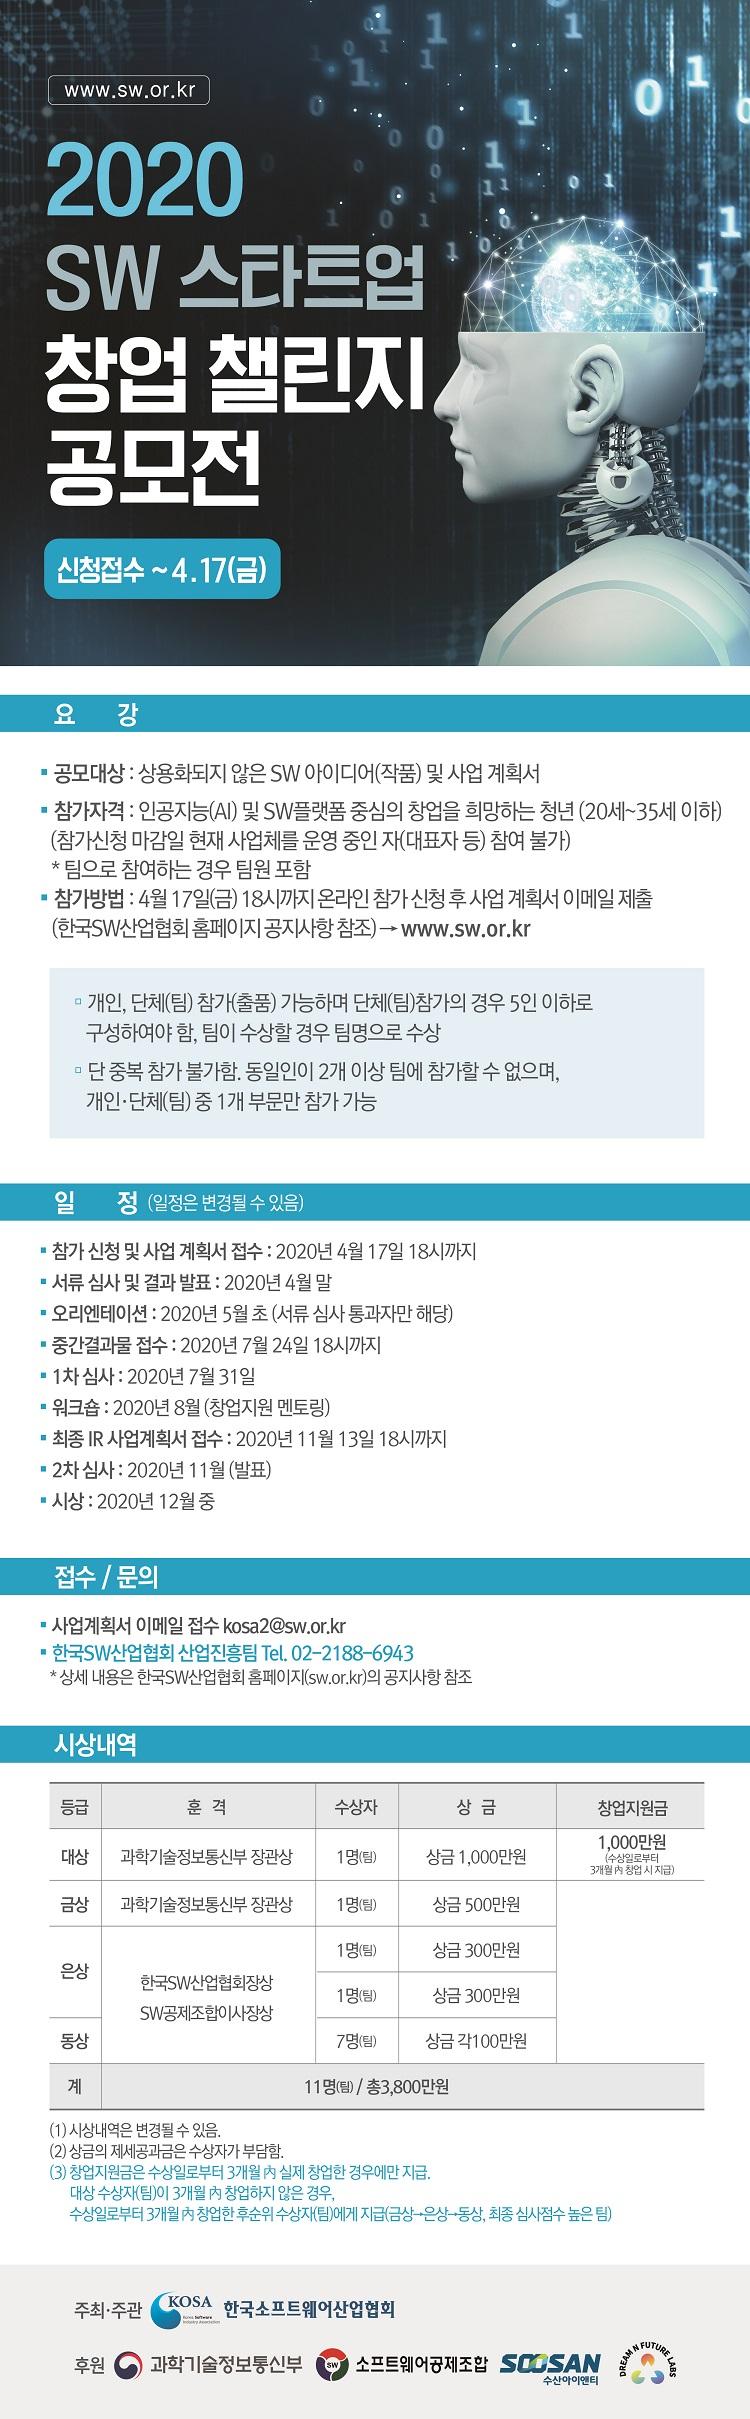 [마감연장]2020 SW 스타트업 창업 챌린지 공모전 참가 안내(4/17마감)